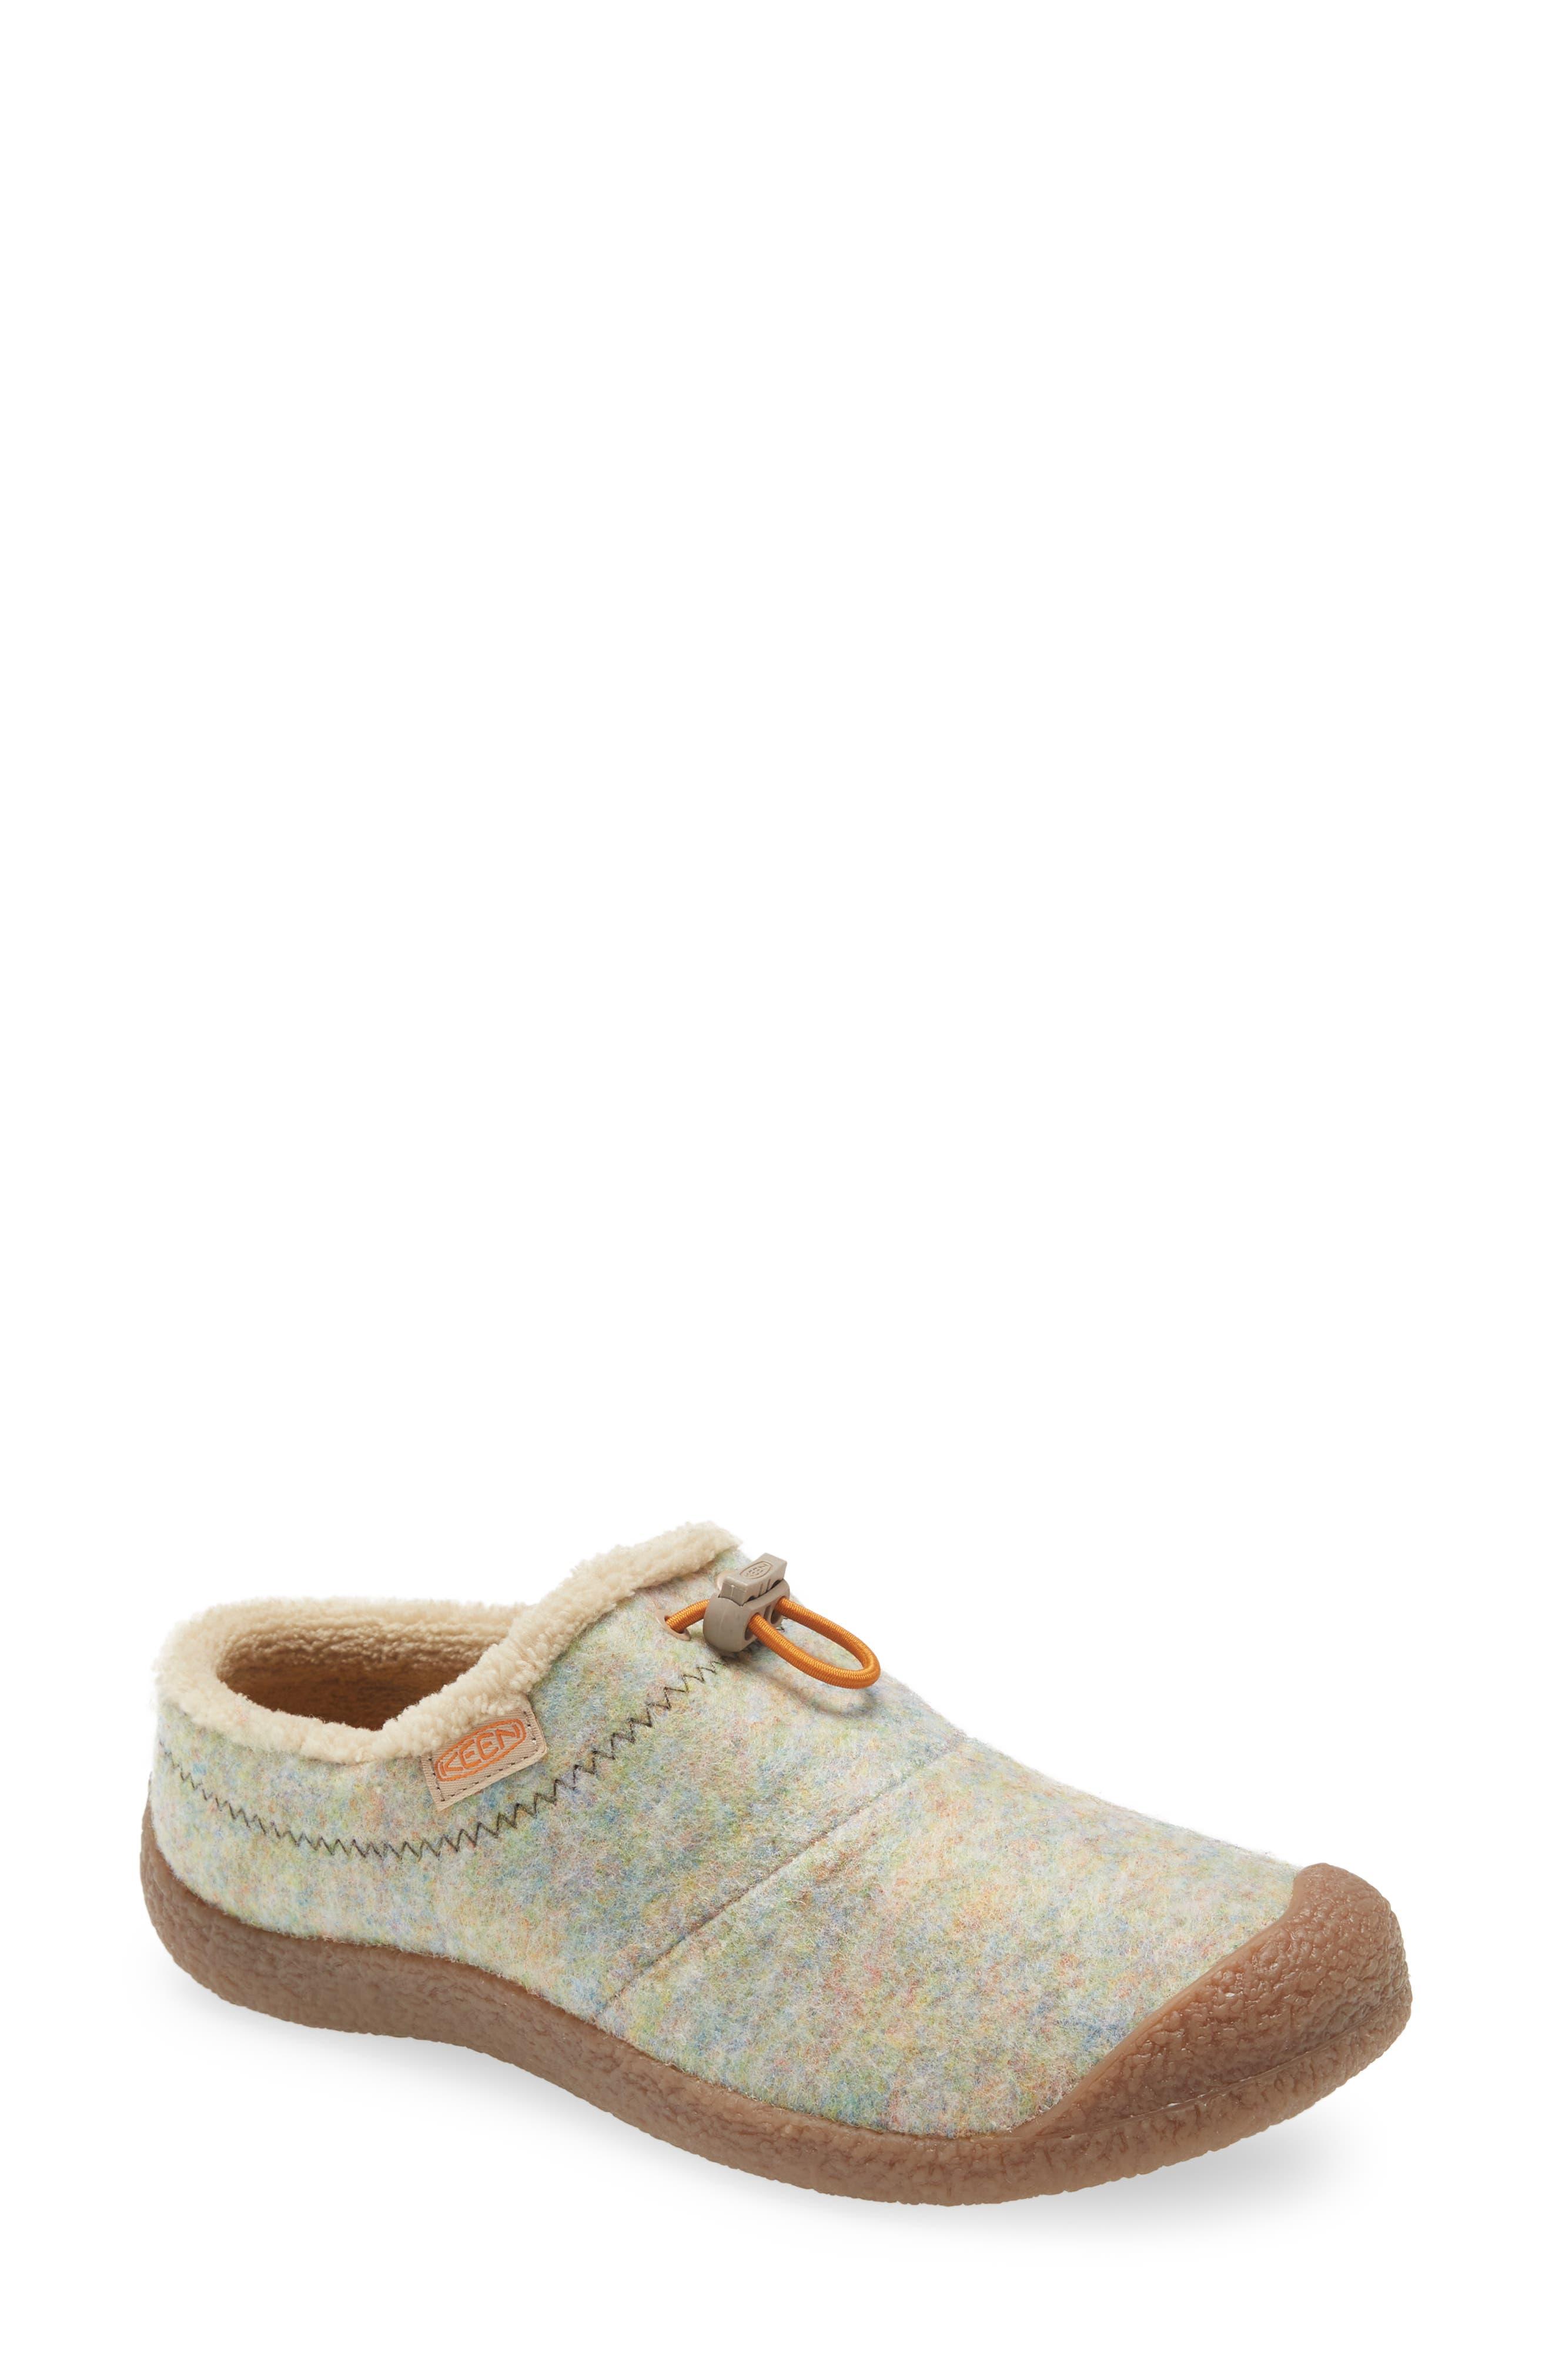 Howser Iii Slipper Shoe